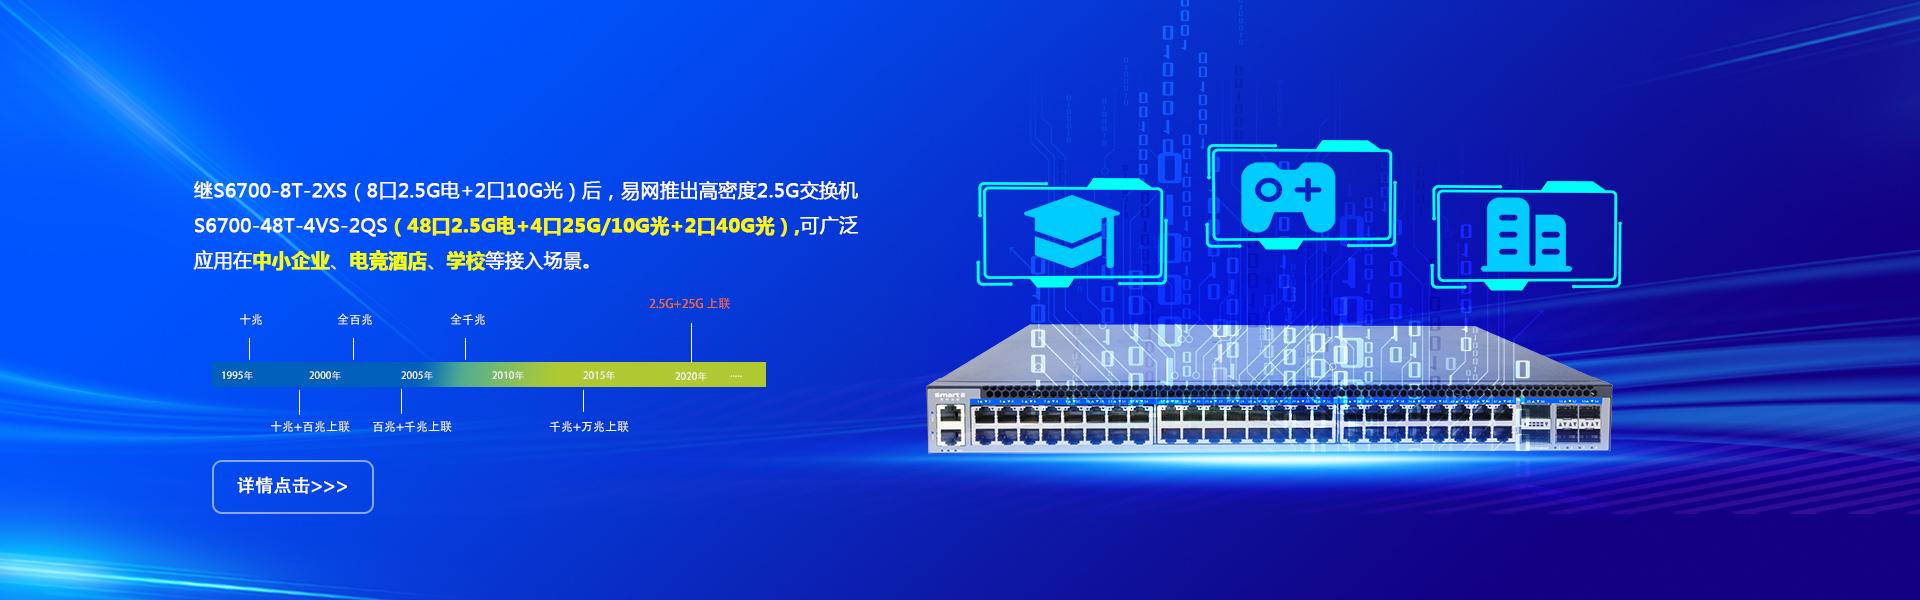 深圳市易网物联科技有限公司(SmartE):工业物联网交换机、工业交换机、物联网交换机、物联网安全网关、企业交换机、商业交换机、交换机、路由器、无线AP、wifi